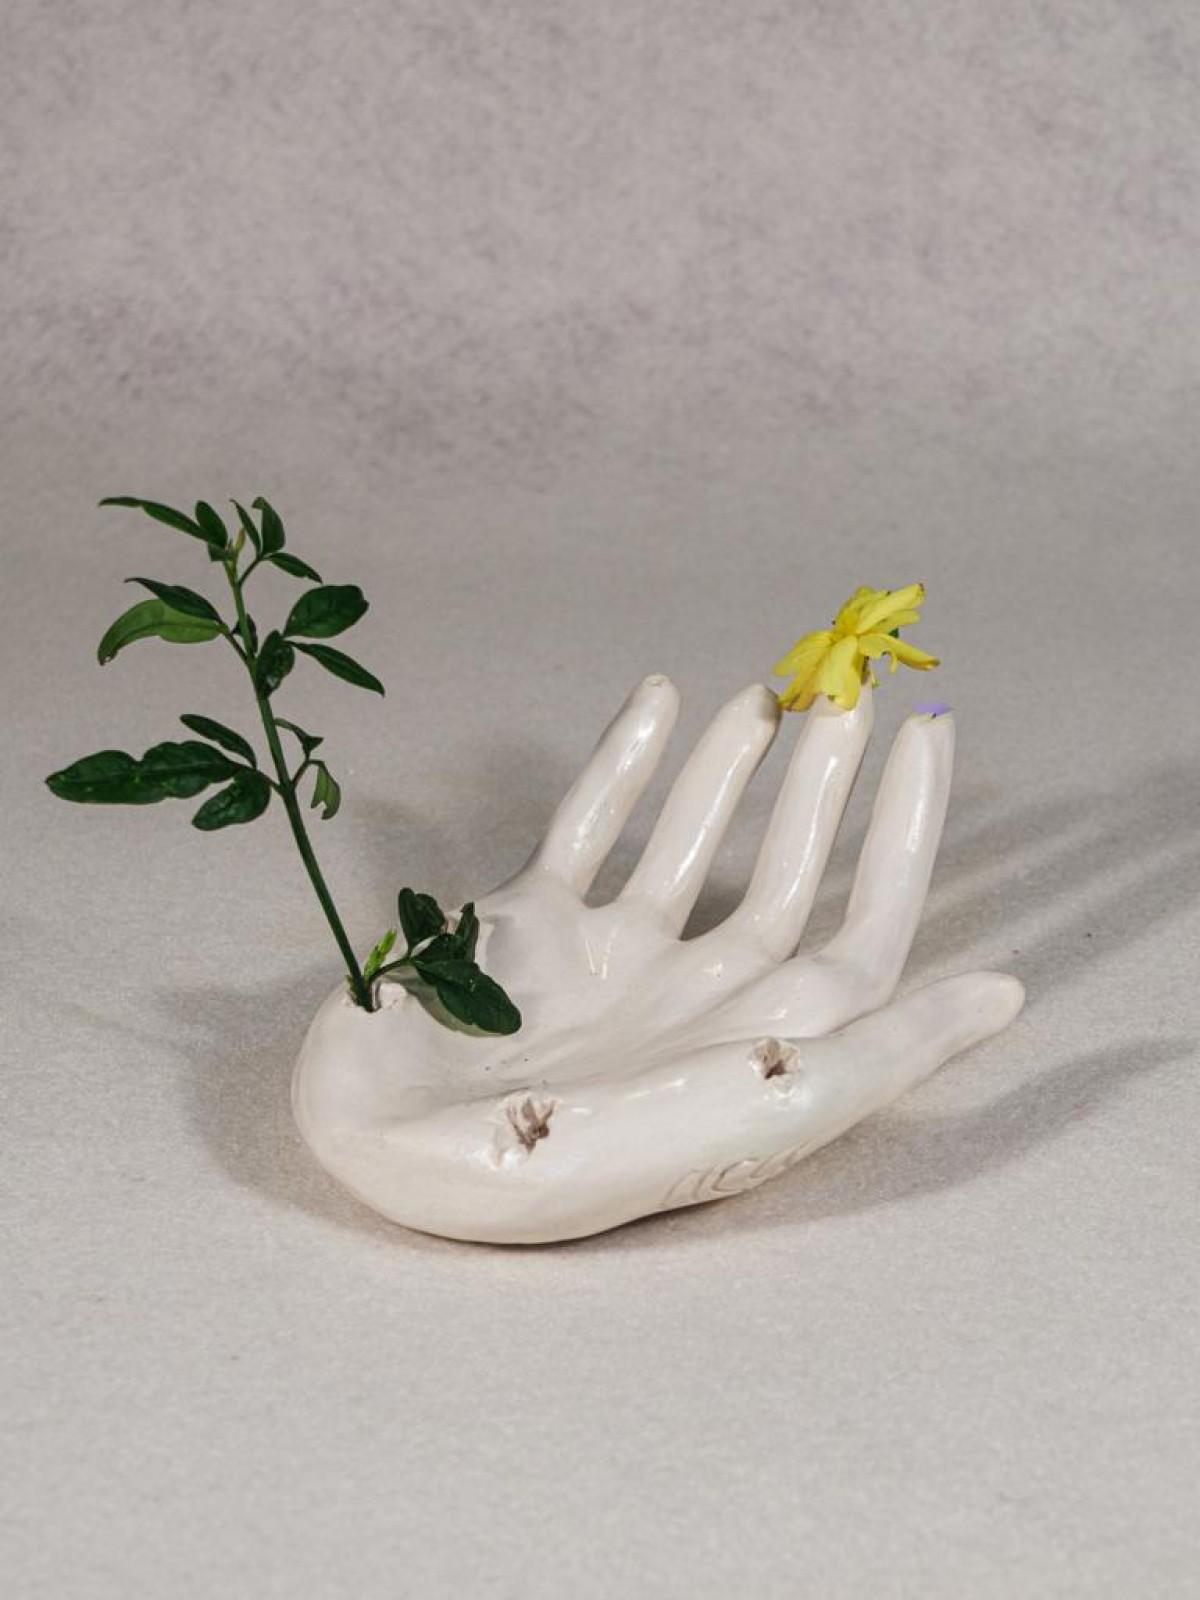 Giz'li Atölye Kolektifi'nden 'Temas' adlı bağış sergisi